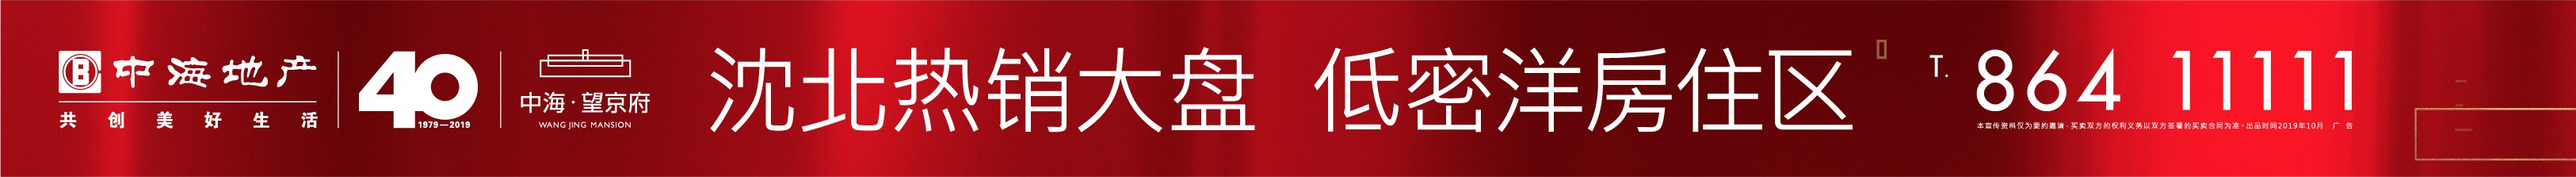 广告:中海·望京府